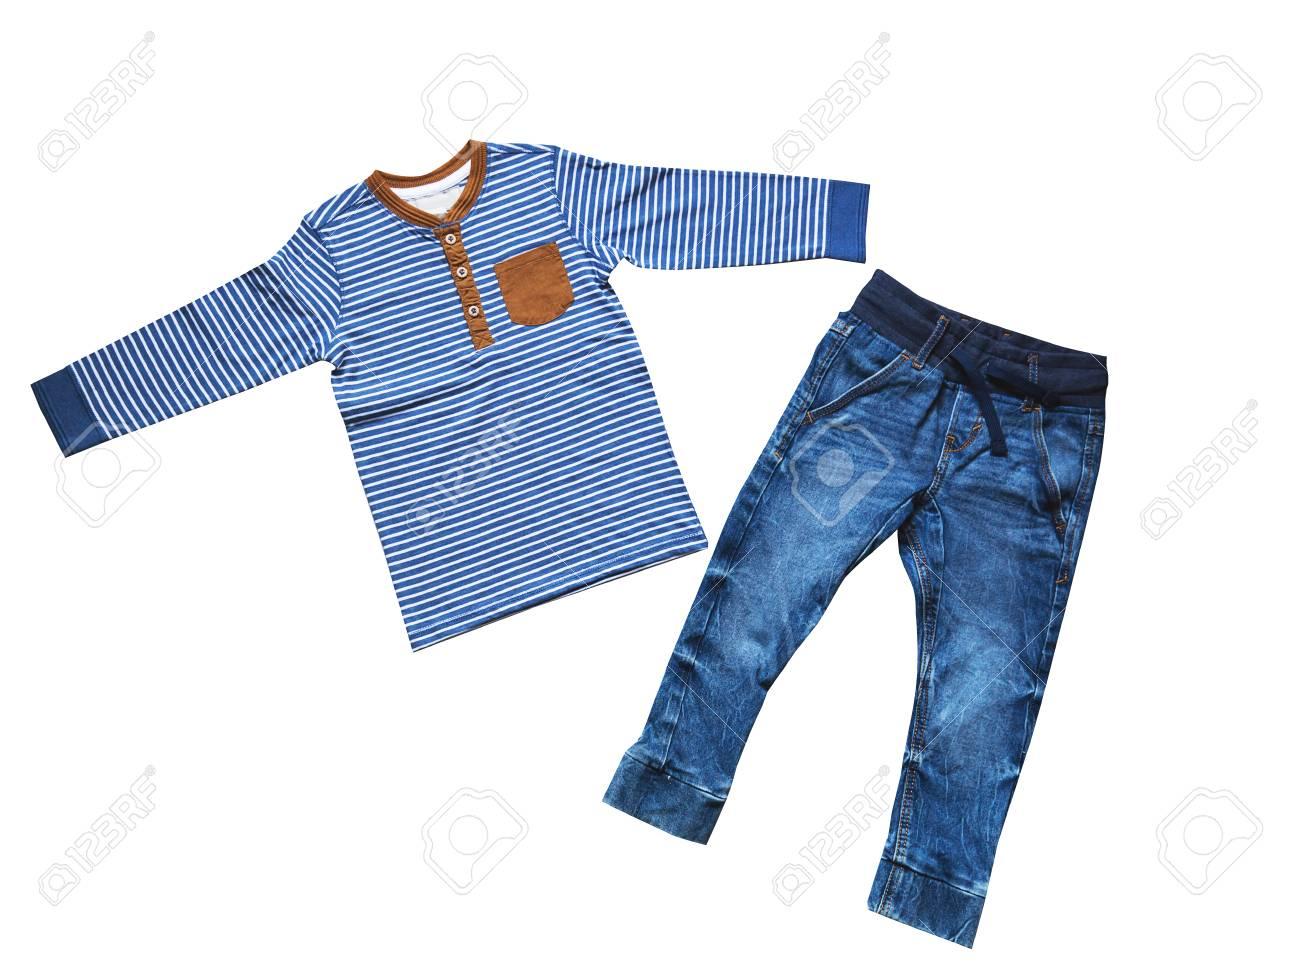 6f593729c Ropa de niño, el concepto de la moda infantil. Tendido plano ropa para  niños. Vista superior de la moda mirada de moda de ropa de niño. Aislante  en ...